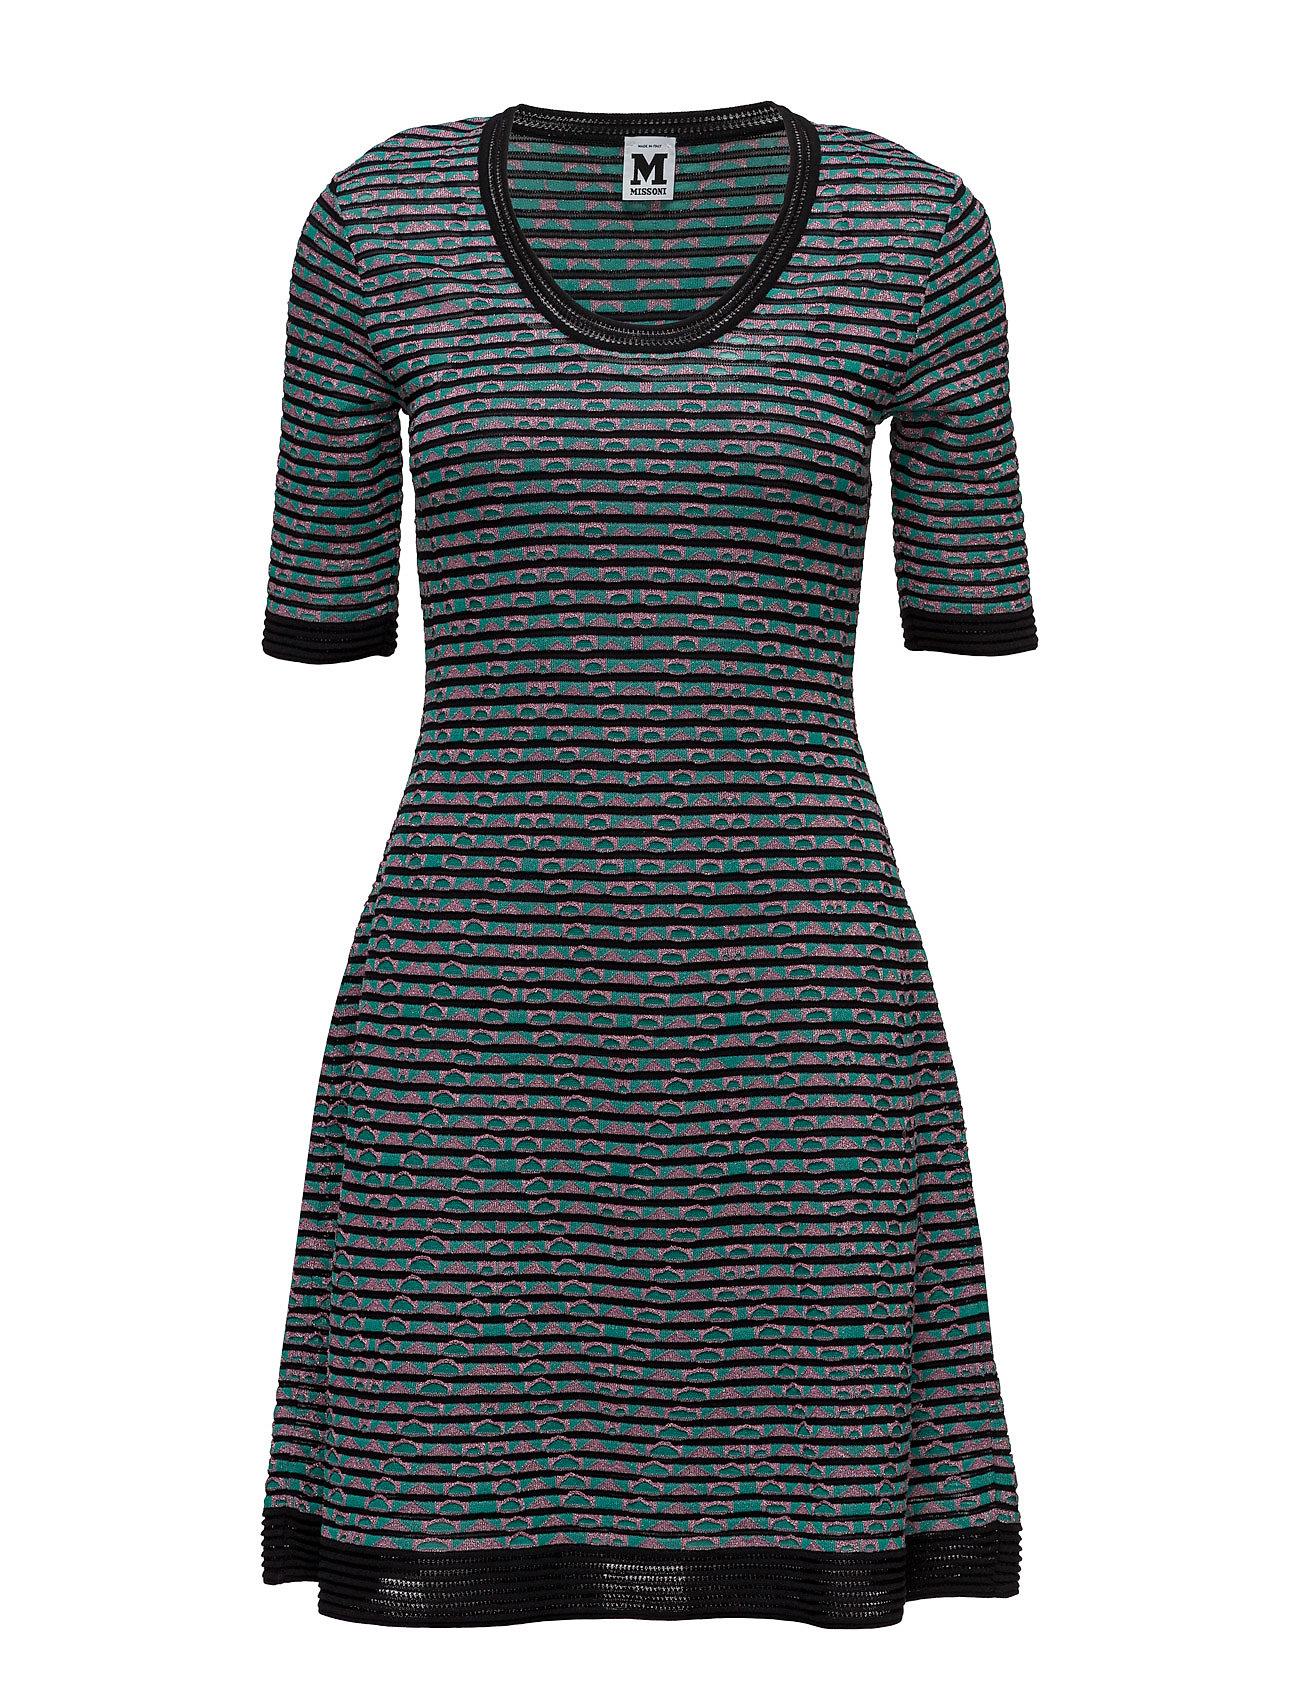 M Missoni-Dress M Missoni Korte kjoler til Damer i Sort